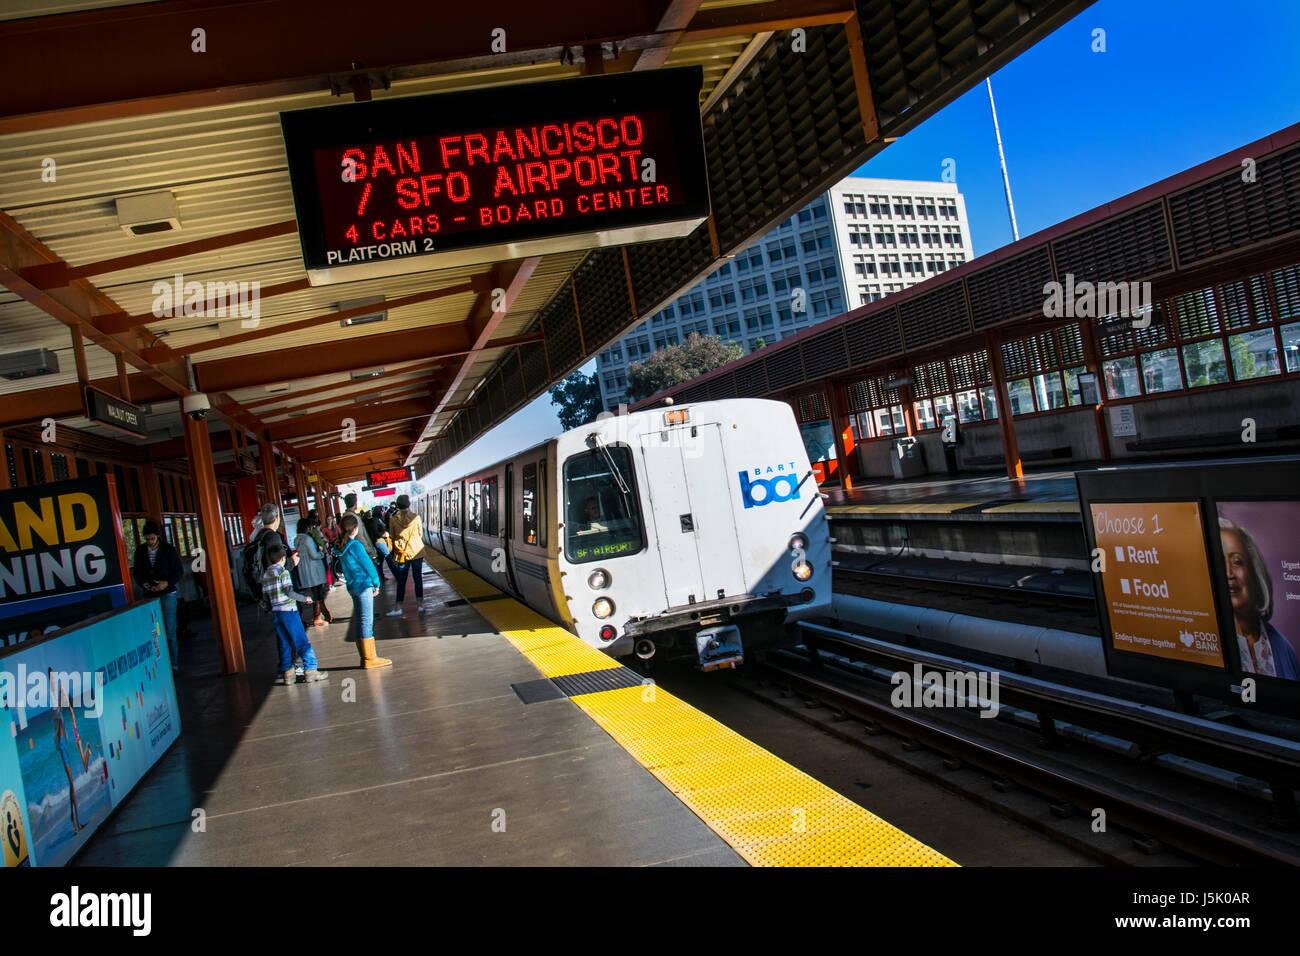 Bart San Francisco Stock Photos Bart San Francisco Stock